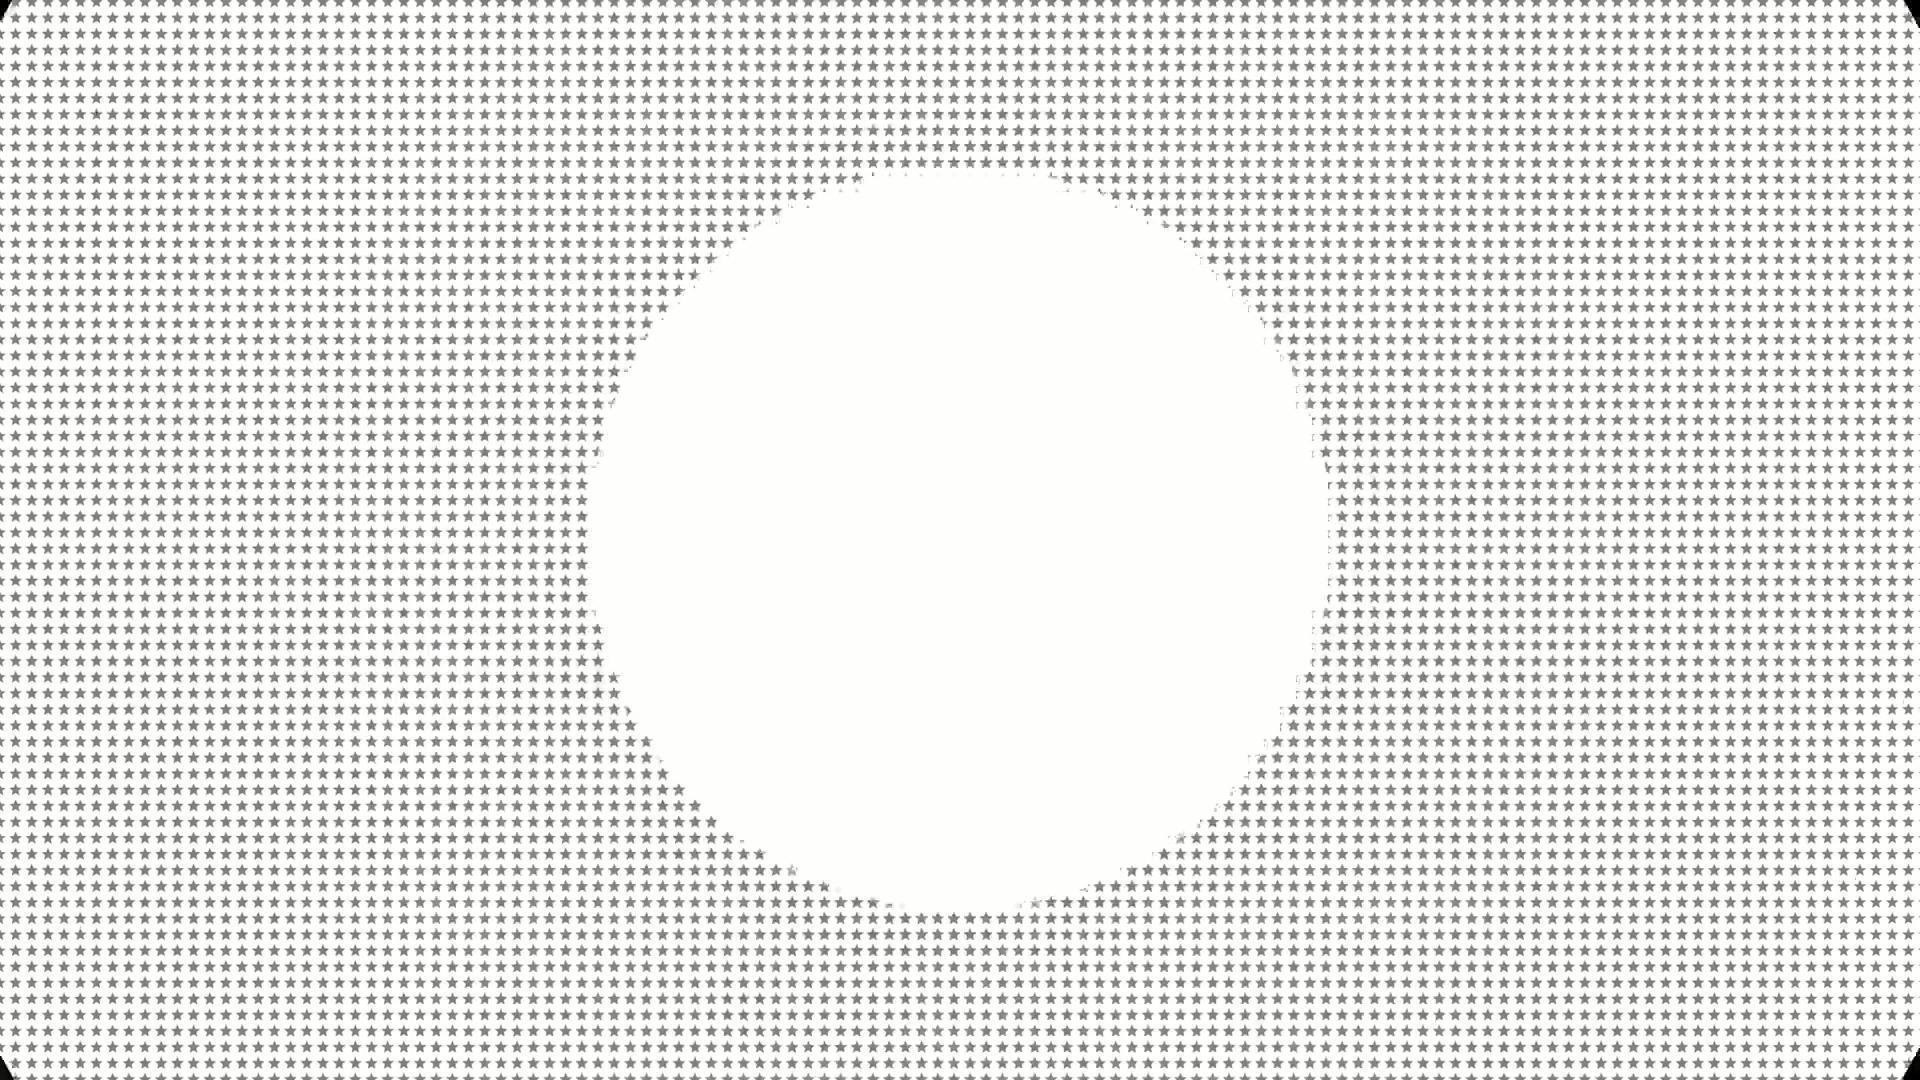 星圈类过渡转场素材2